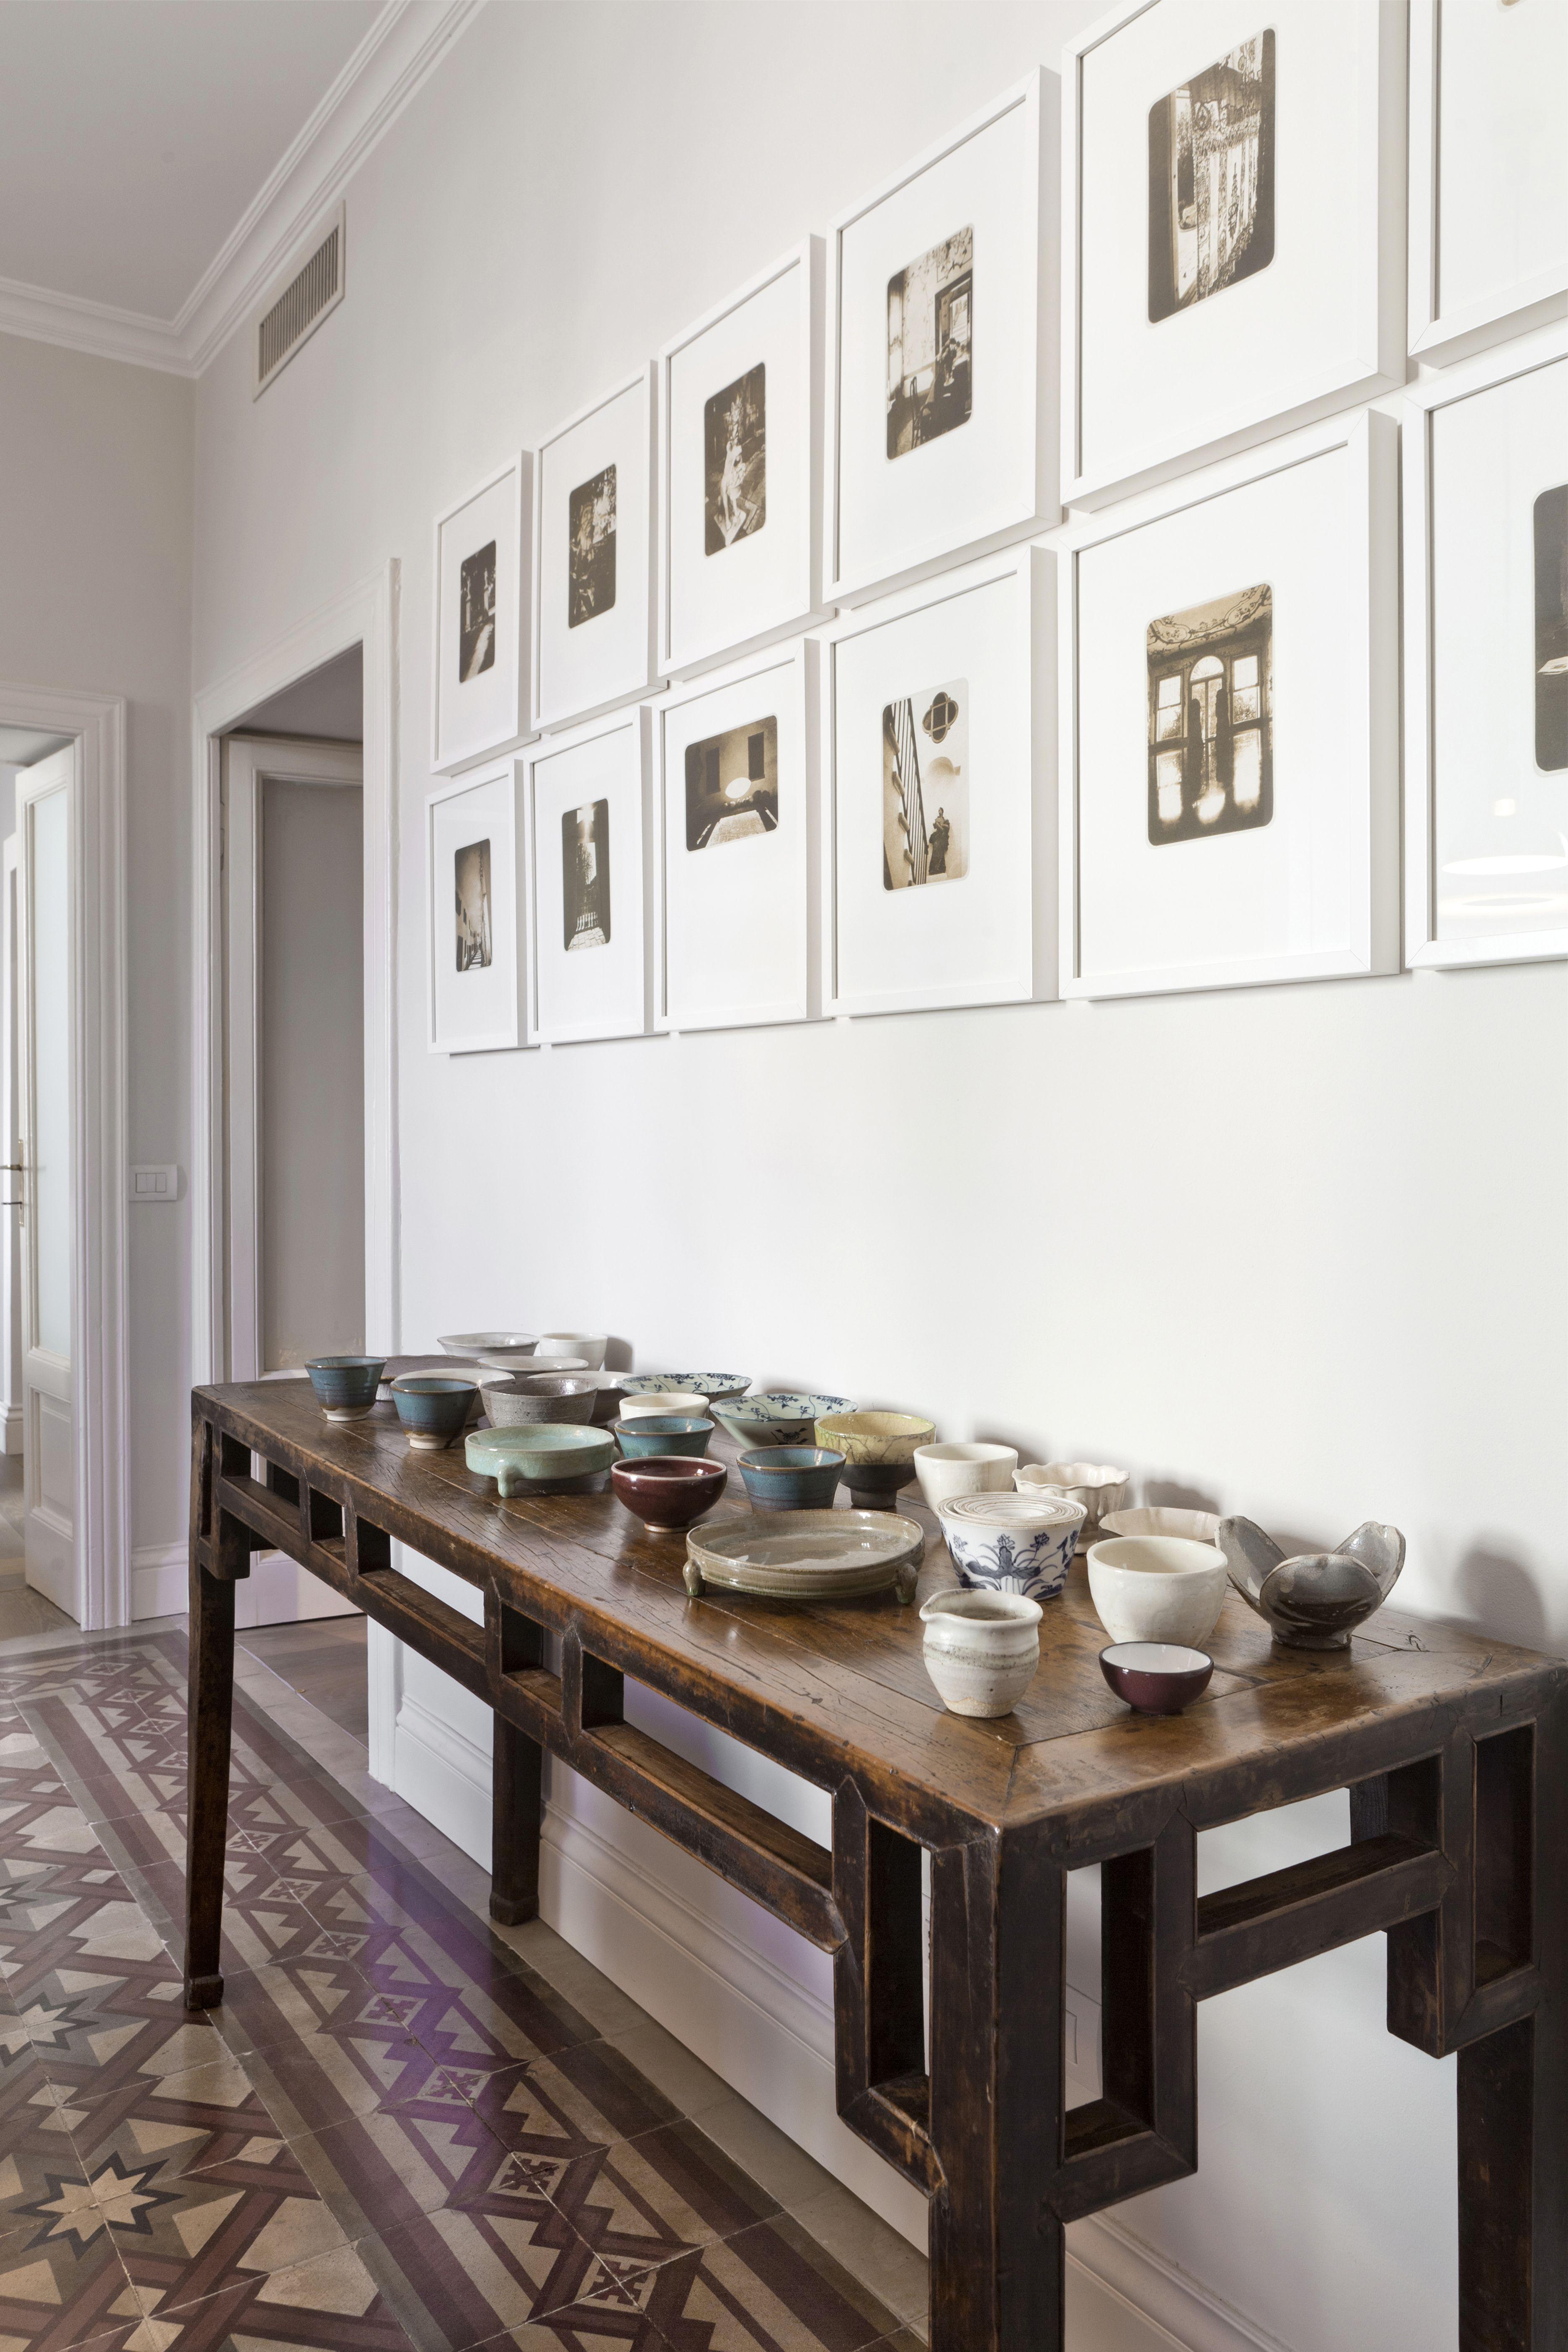 corridoio con quadri   Arredamento, Corridoio, Progetti